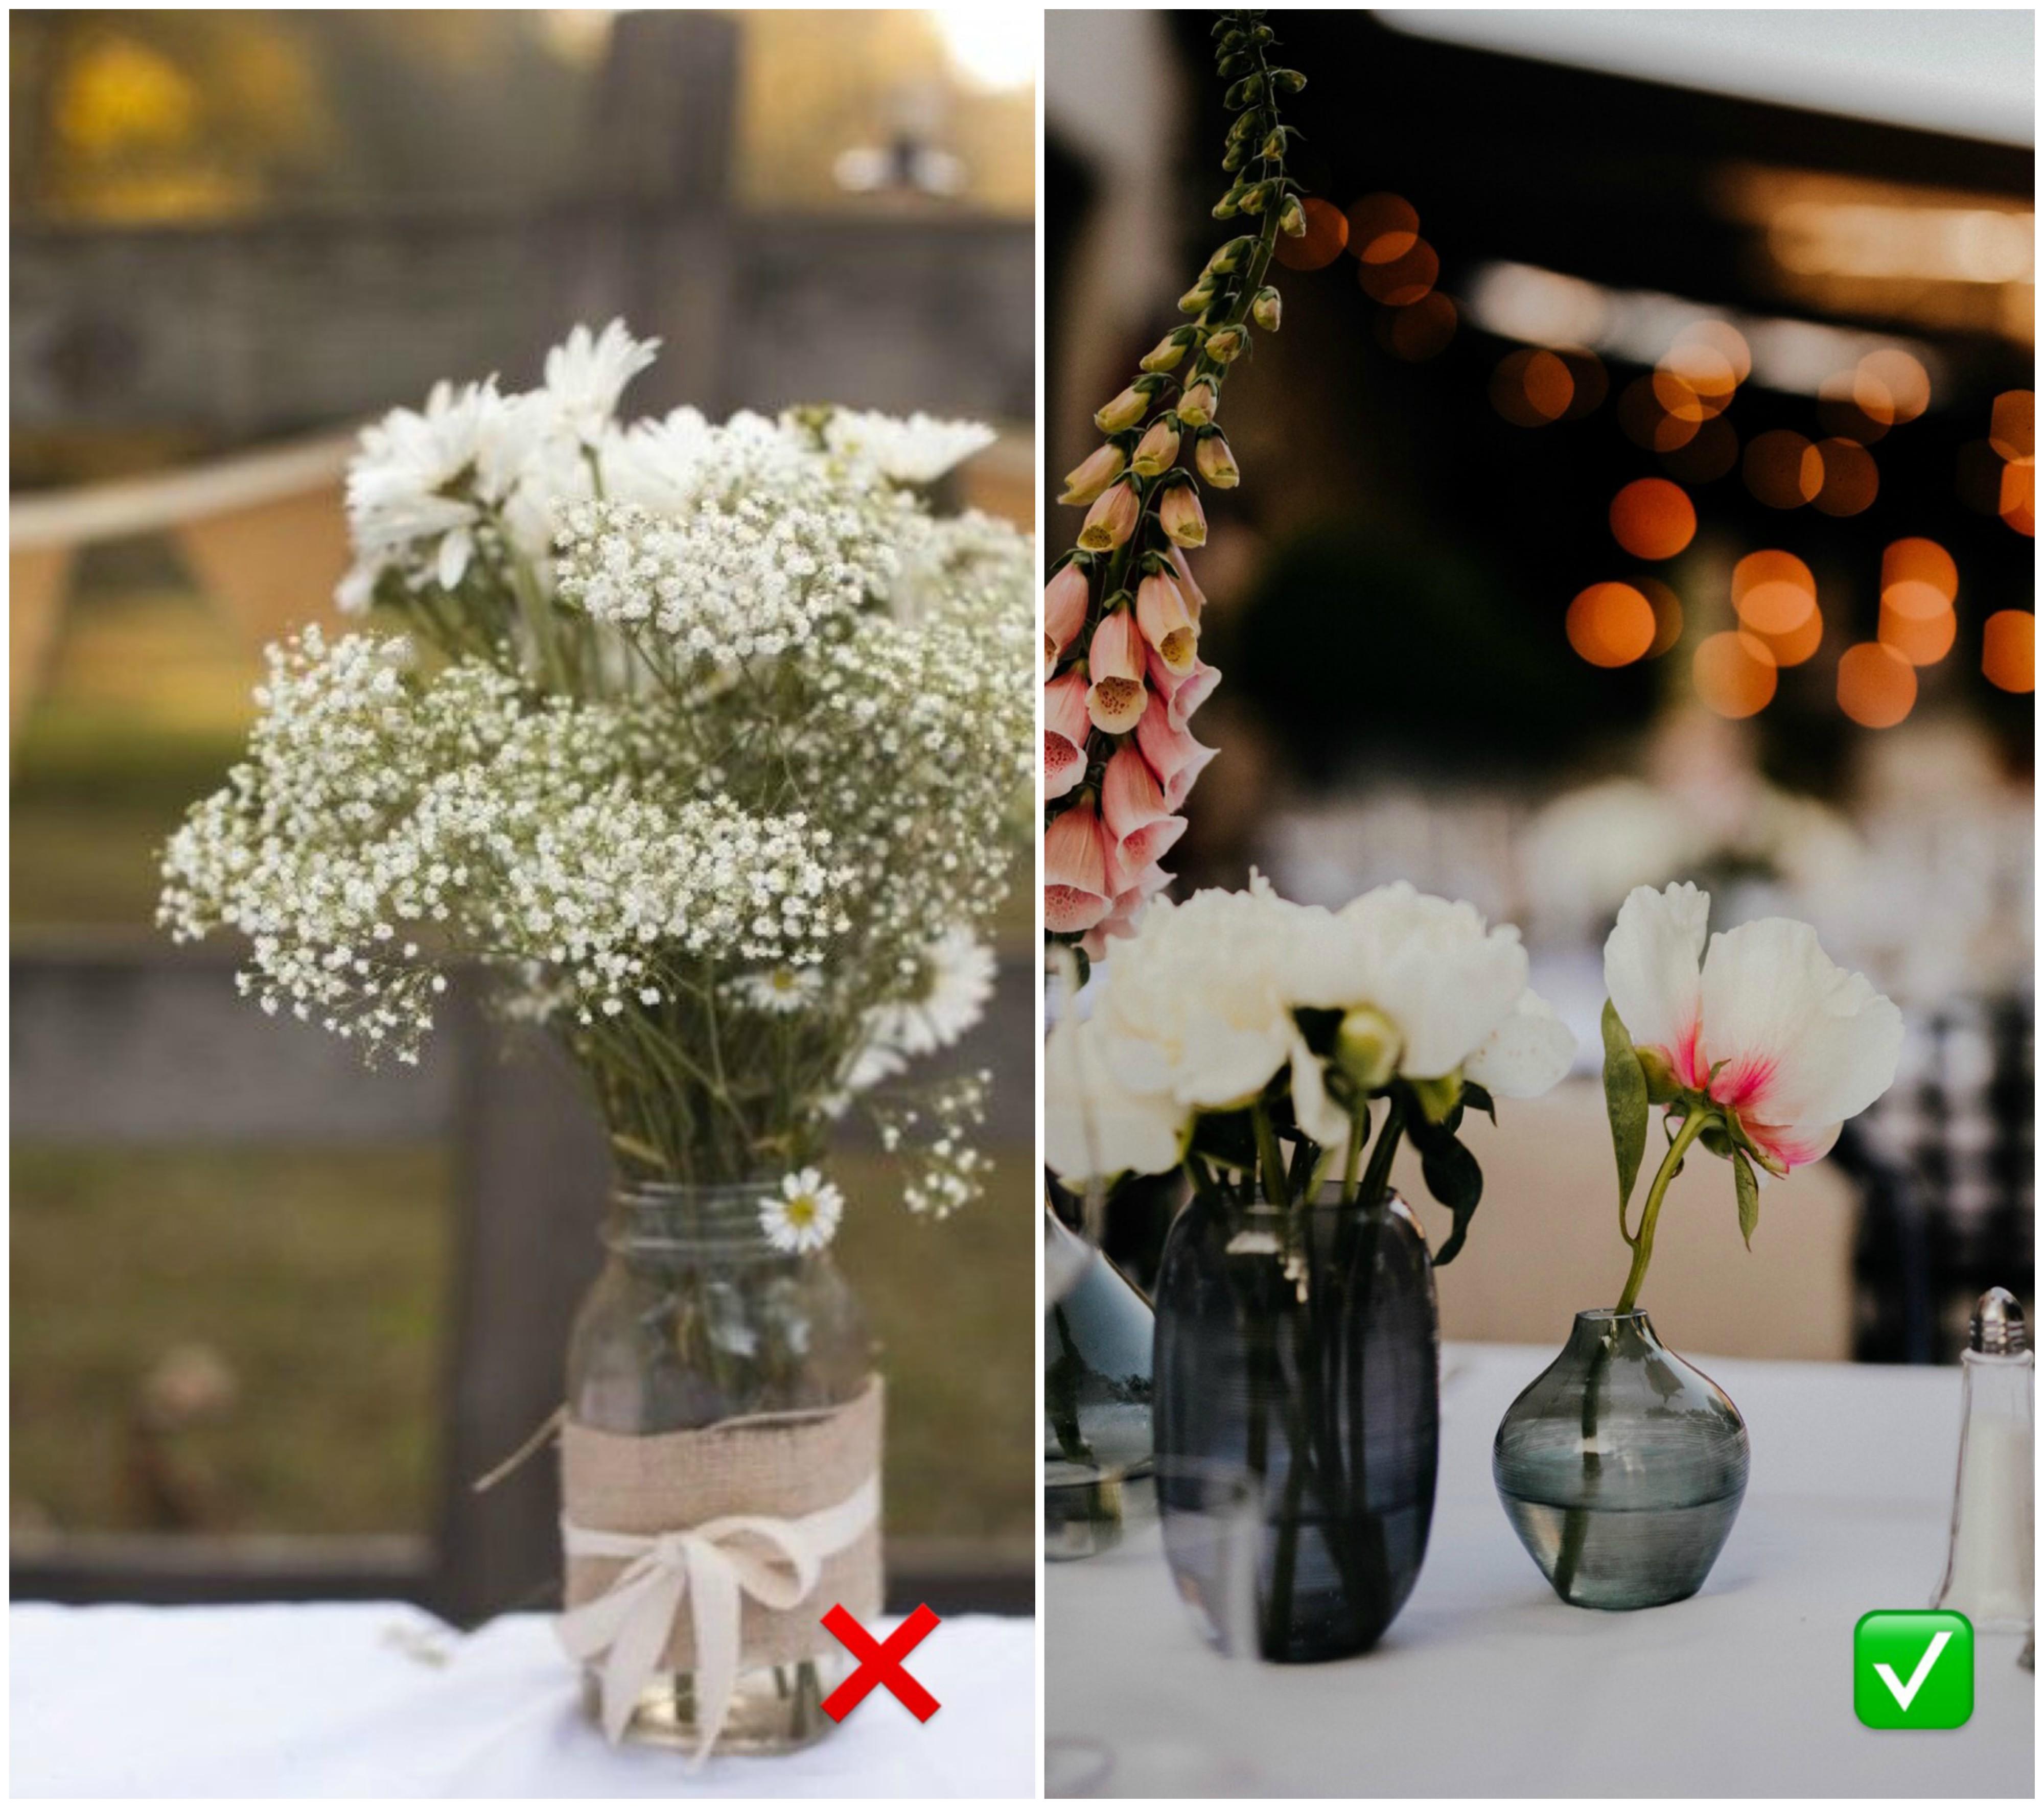 c58f19192f Persze olcsó opció, de sokkal elegánsabbá tehetjük az esküvőnket kisebb,  szolidabb vázákkal. Ráadásul ezeket később is felhasználhatjátok otthonotok  ...